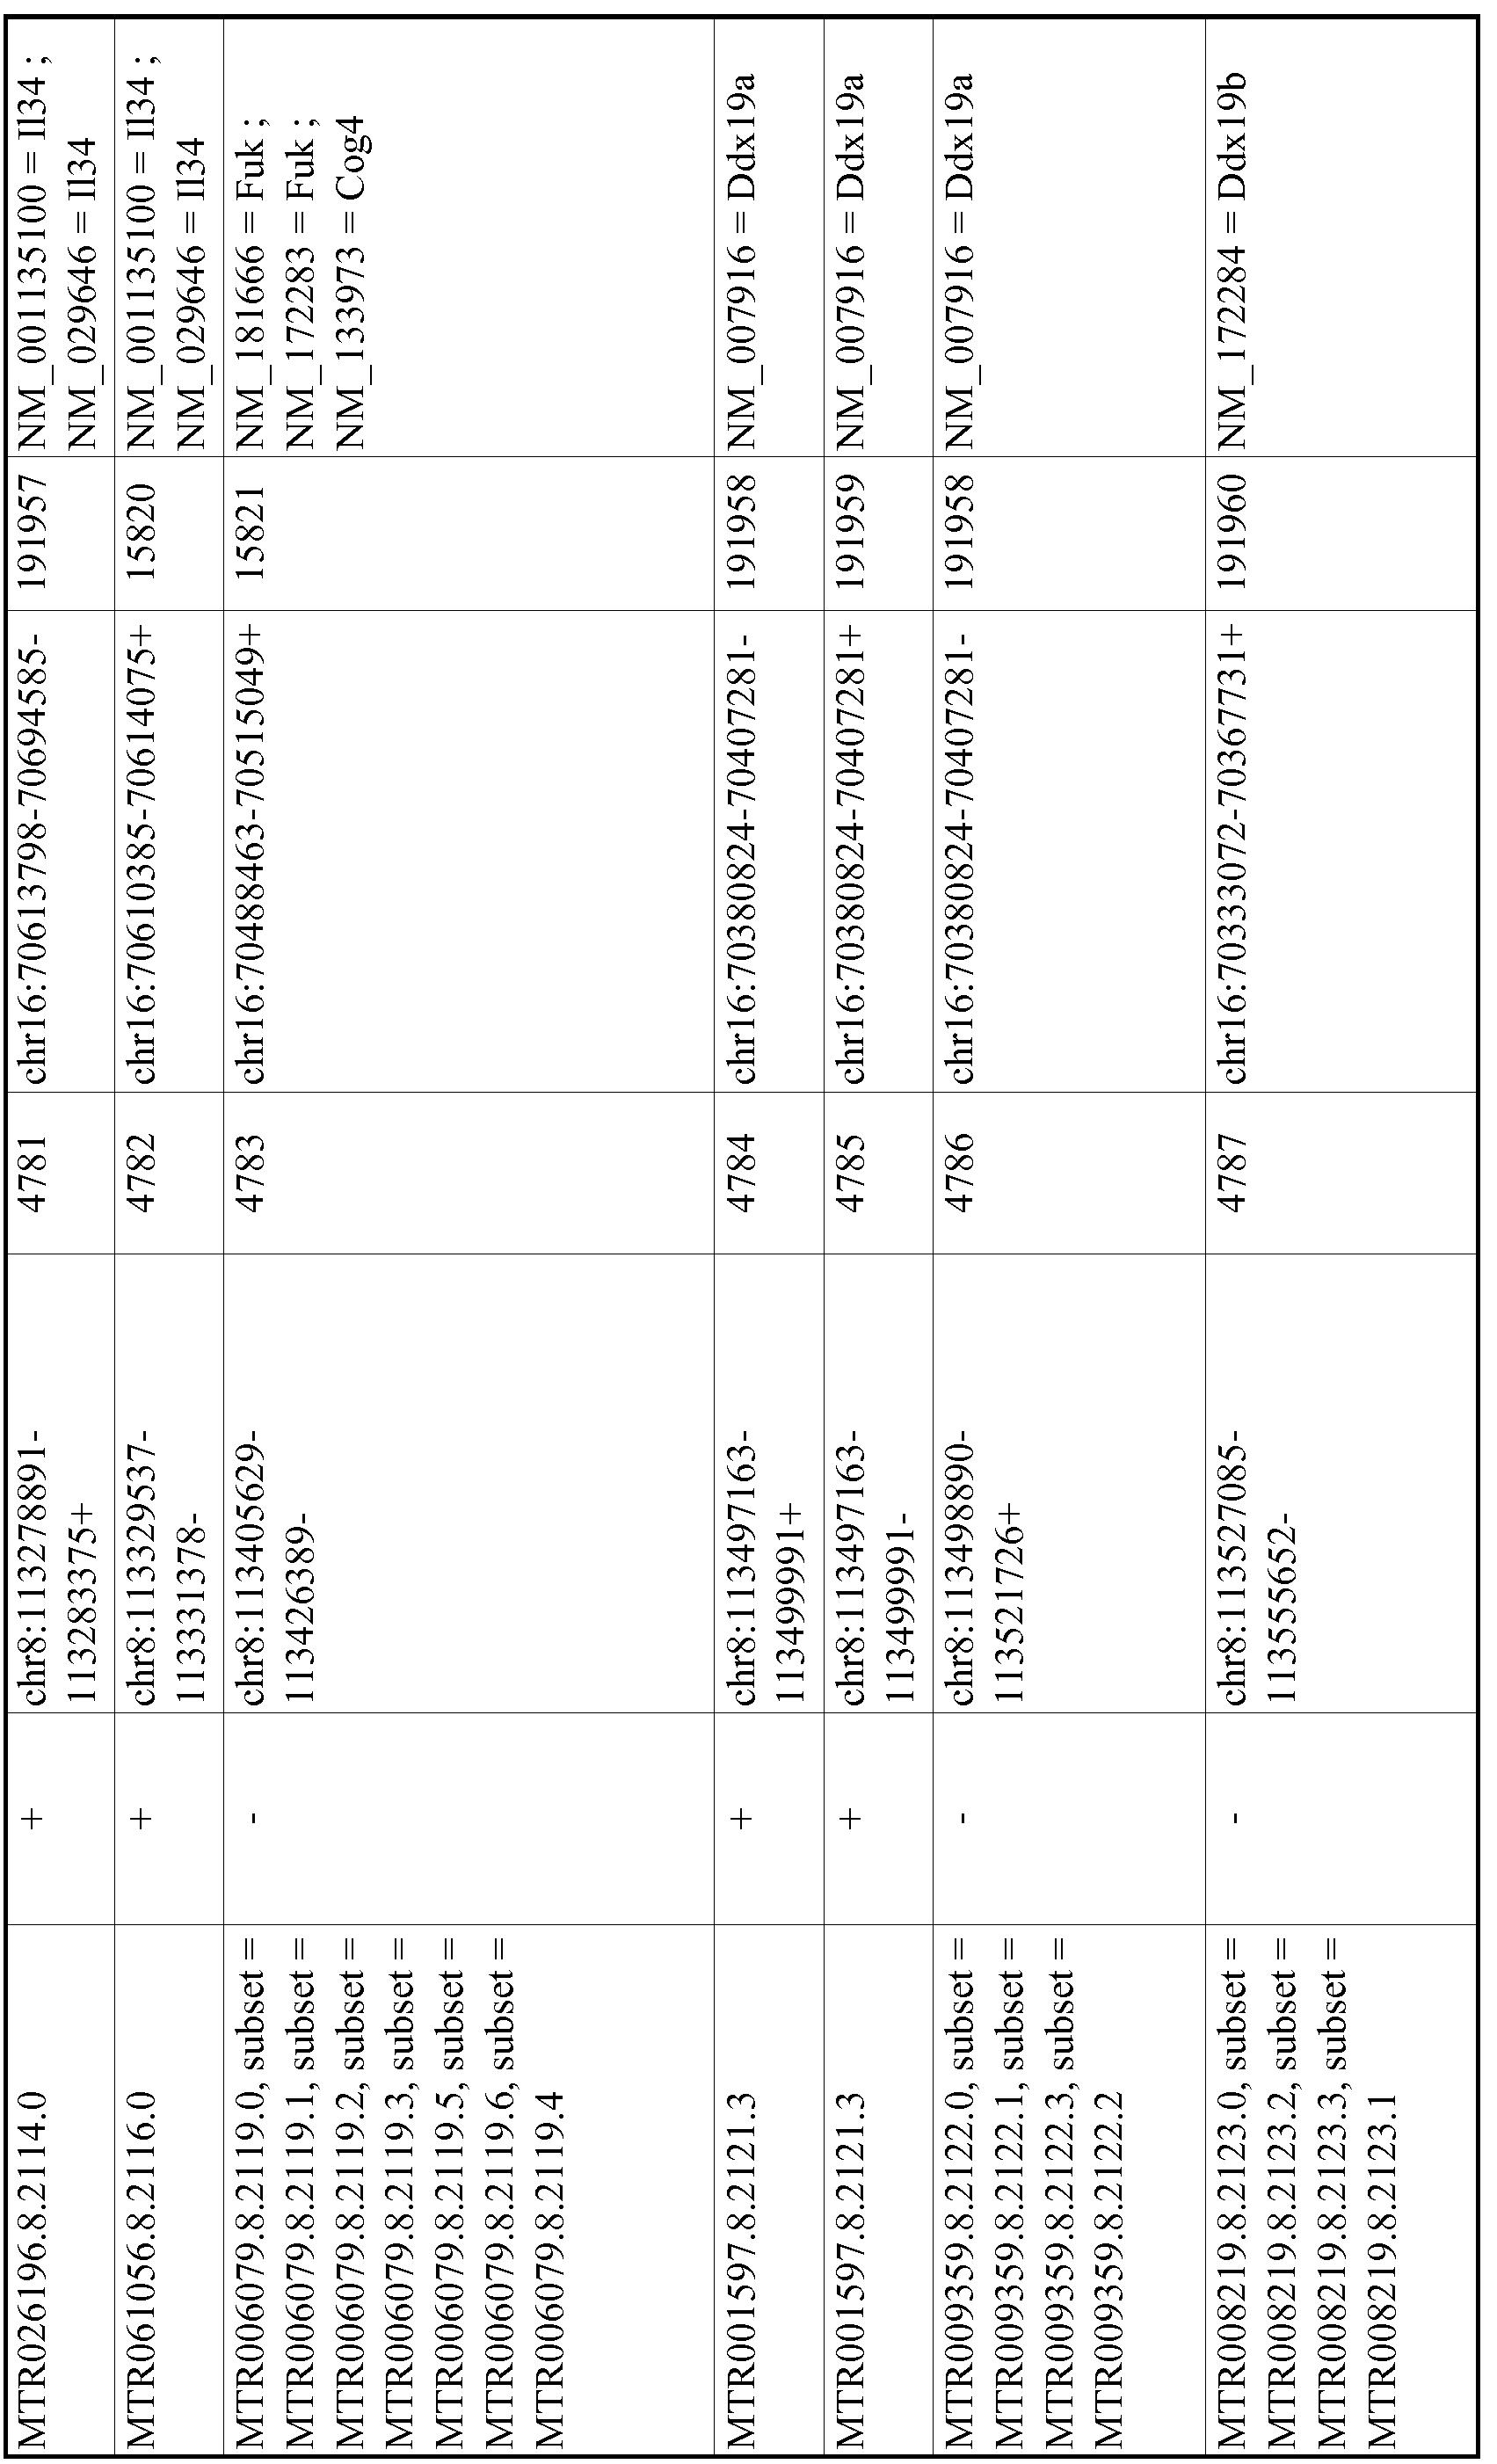 Figure imgf000884_0001